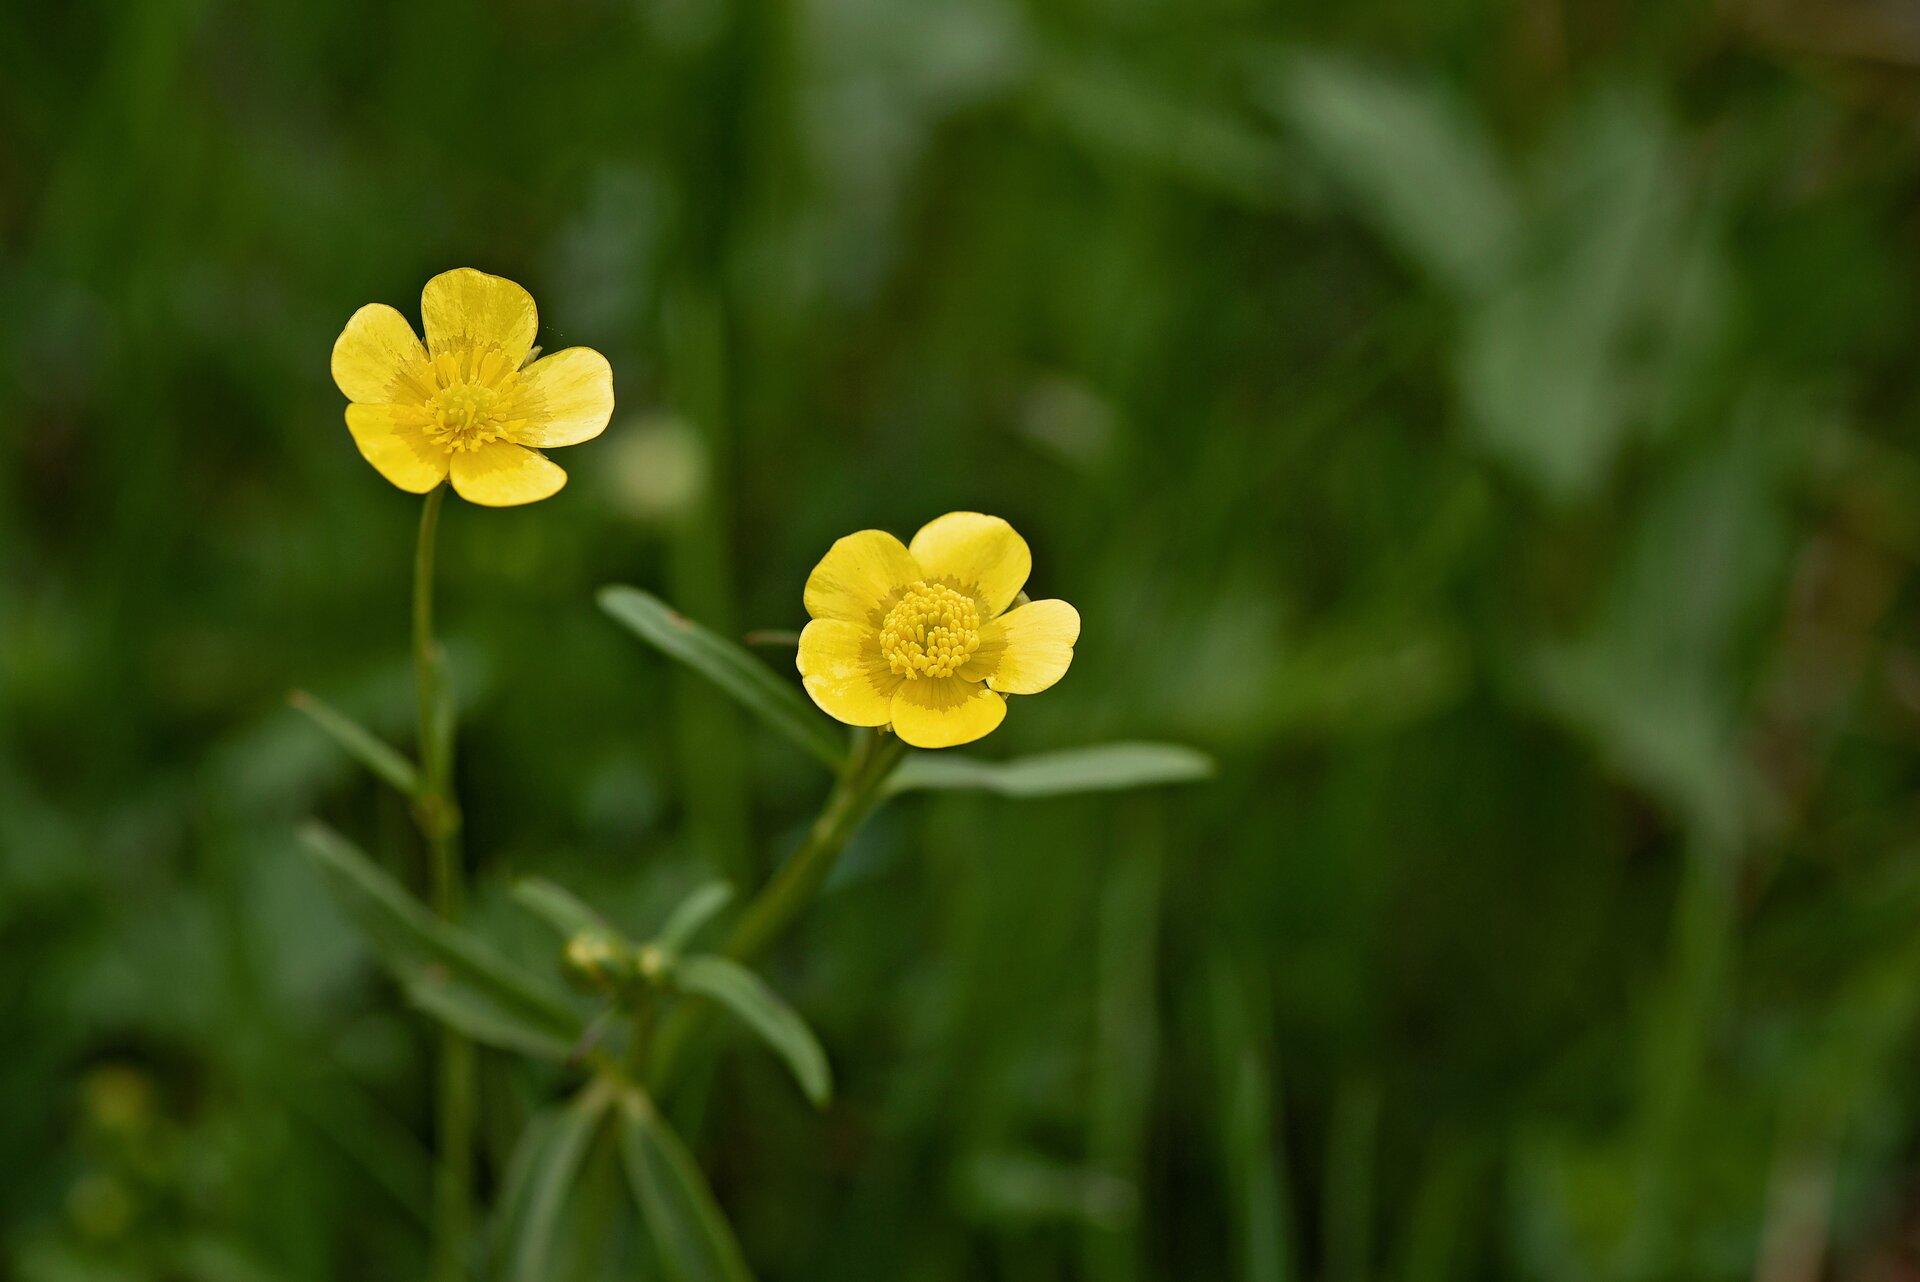 Fotografia przedstawia wzbliżeniu pęd jaskra. Ma duże, głęboko wcięte blaszki liściowe, skupione nisko. Na długich łodygach znajdują się żółte kwiaty opięciu płatkach.